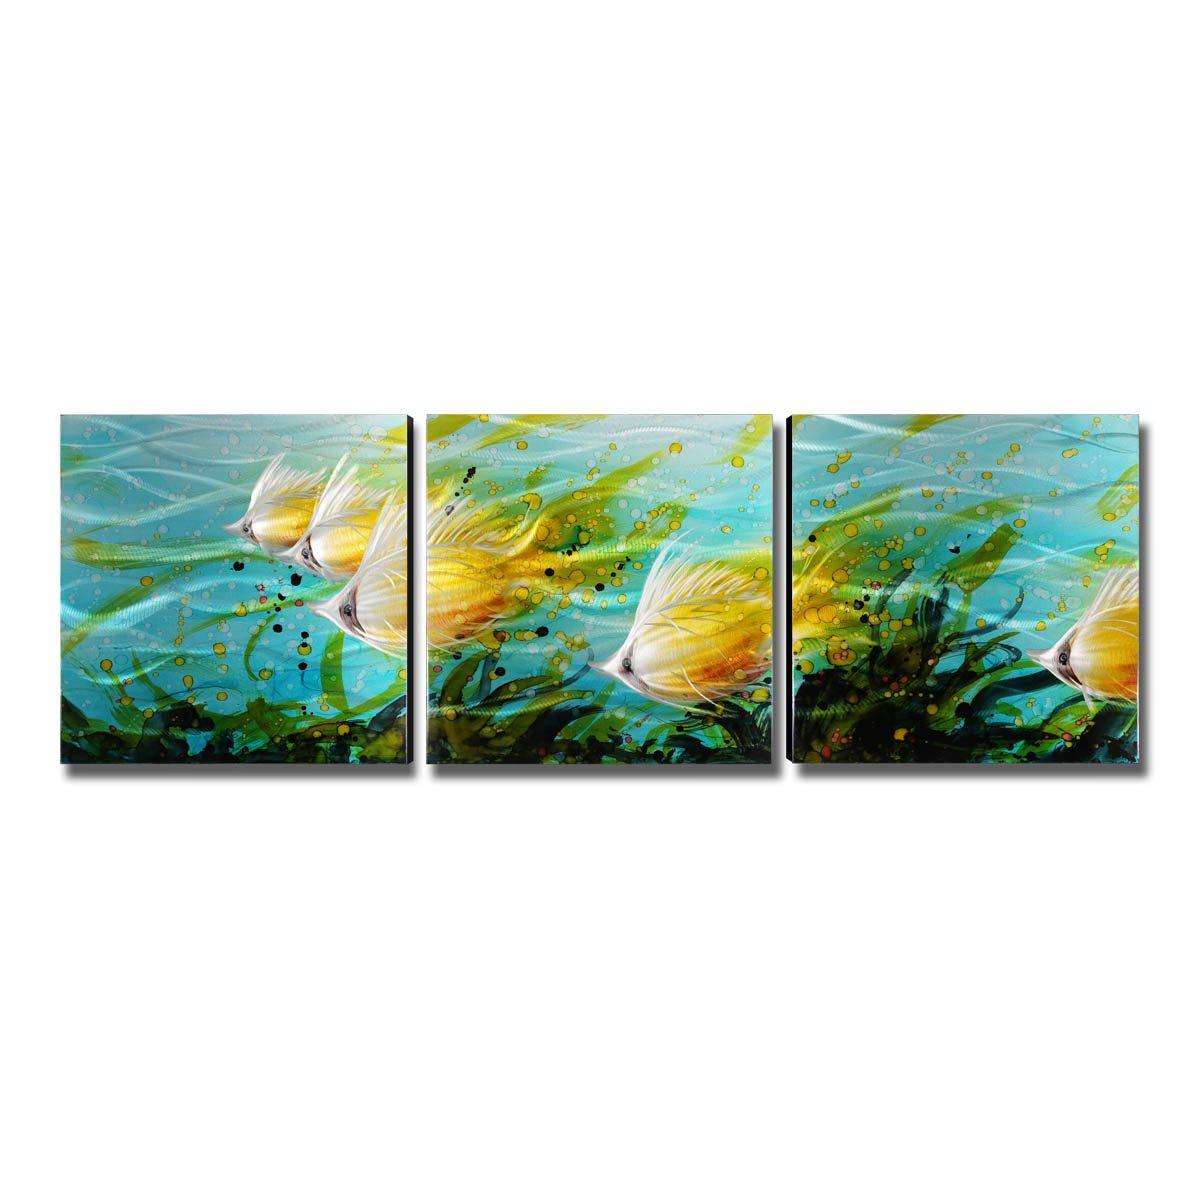 Tooarts Aluminum Tropical Fish Metal Wall Art Modern